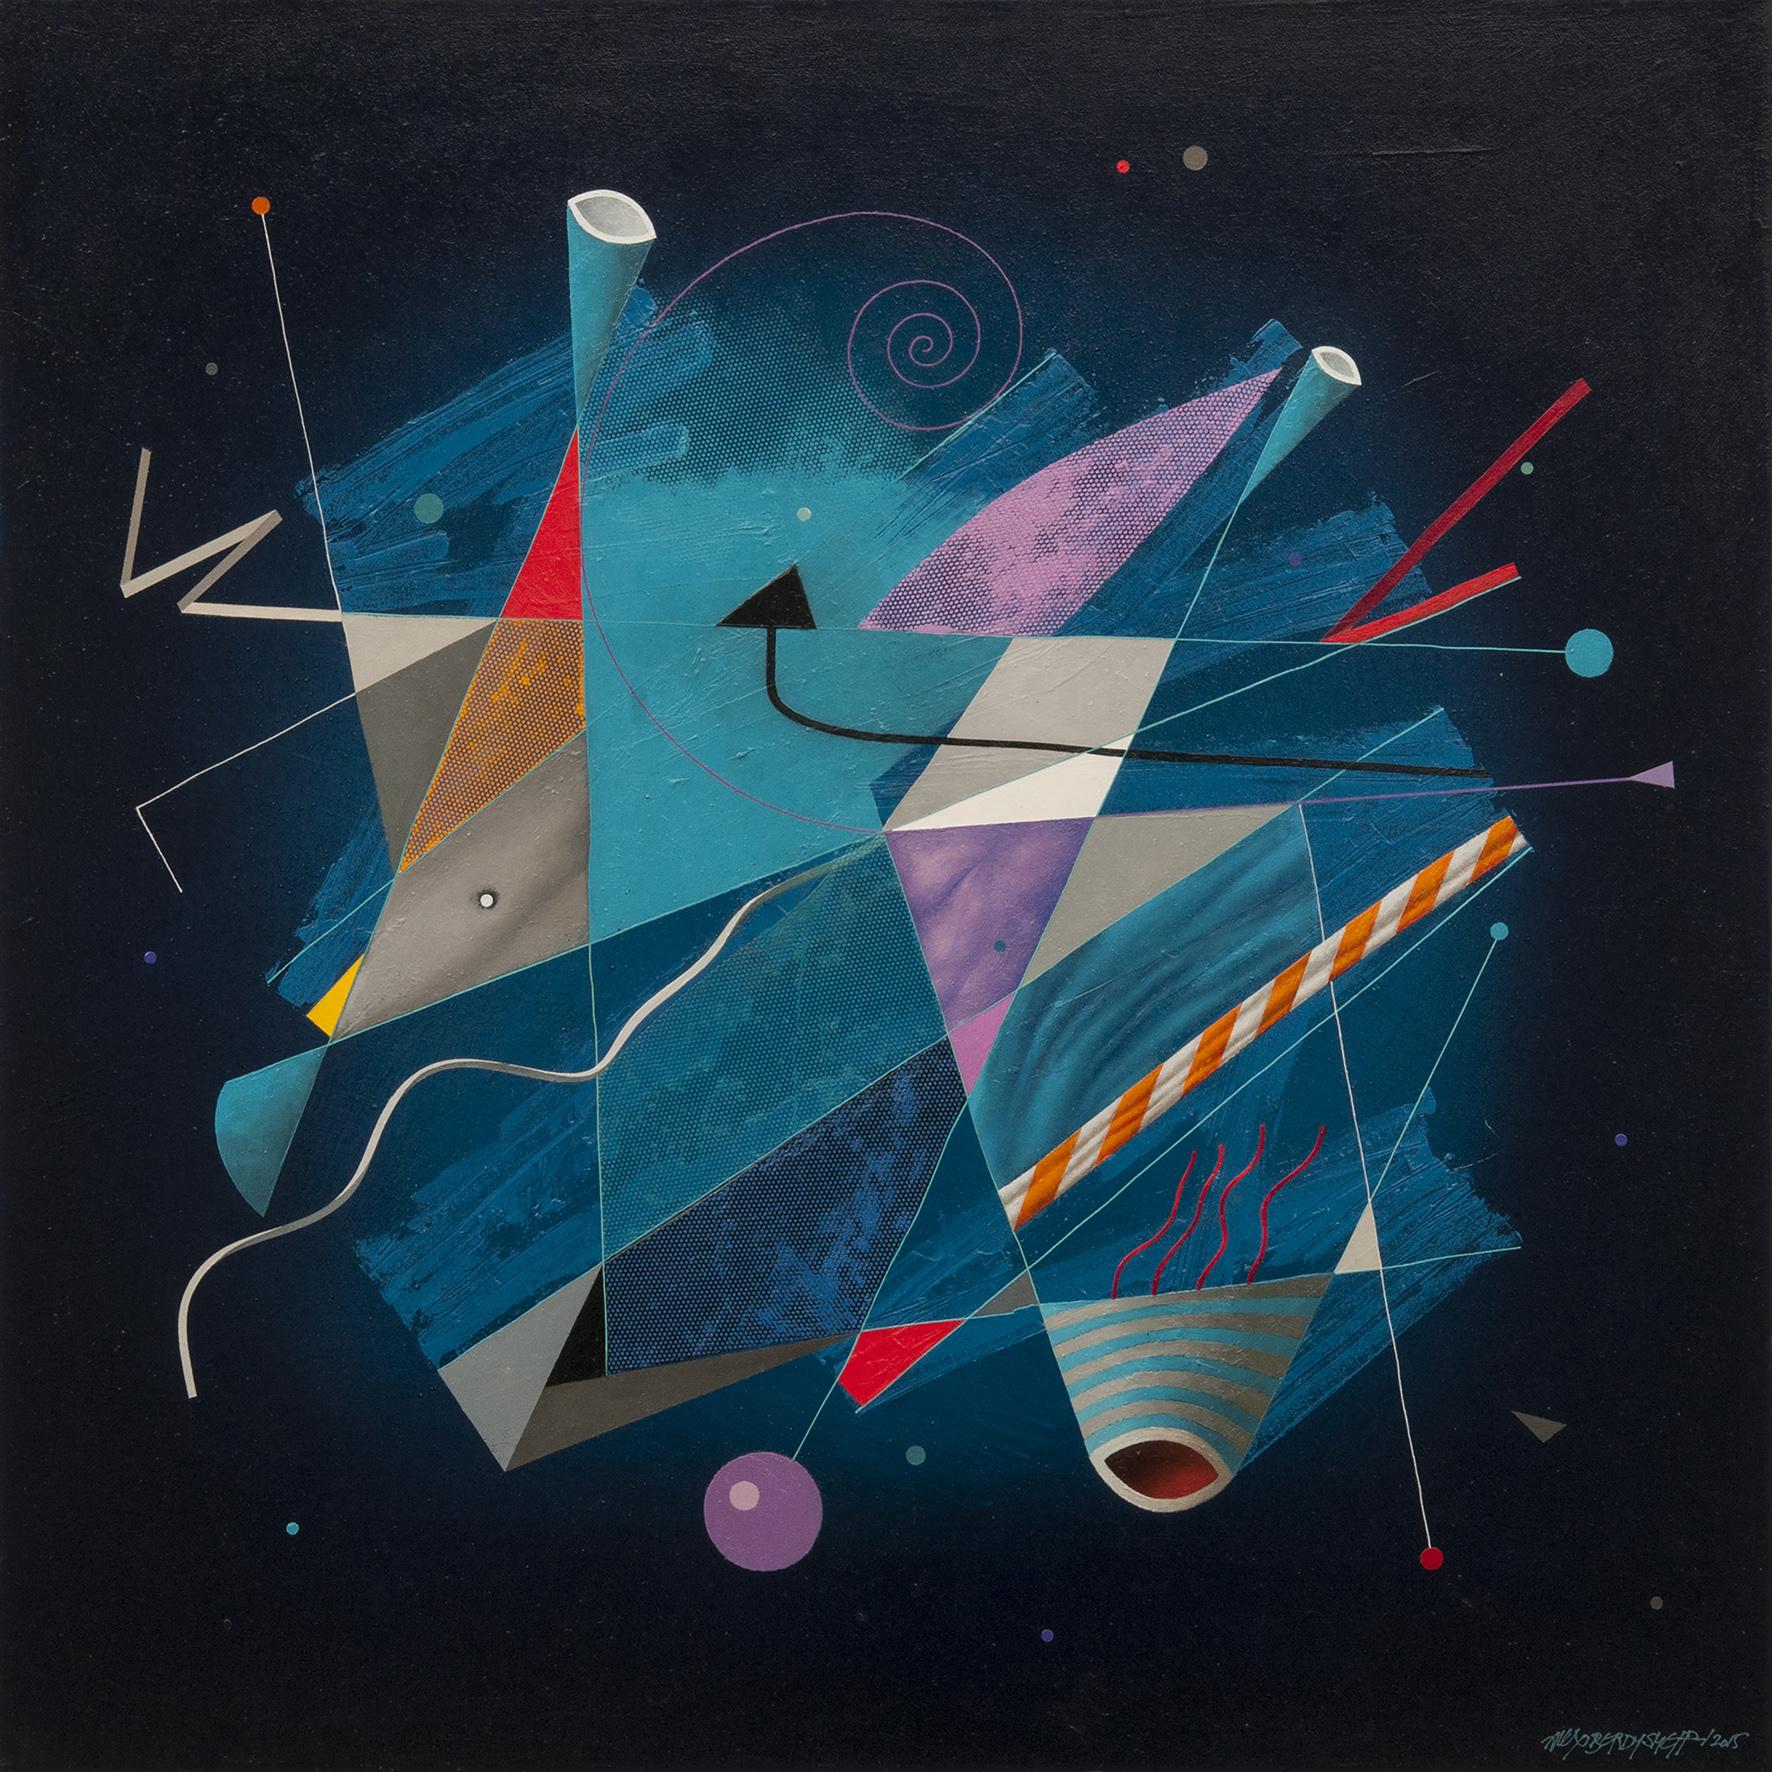 Turbulence I, oil on canvas, 85x85cm